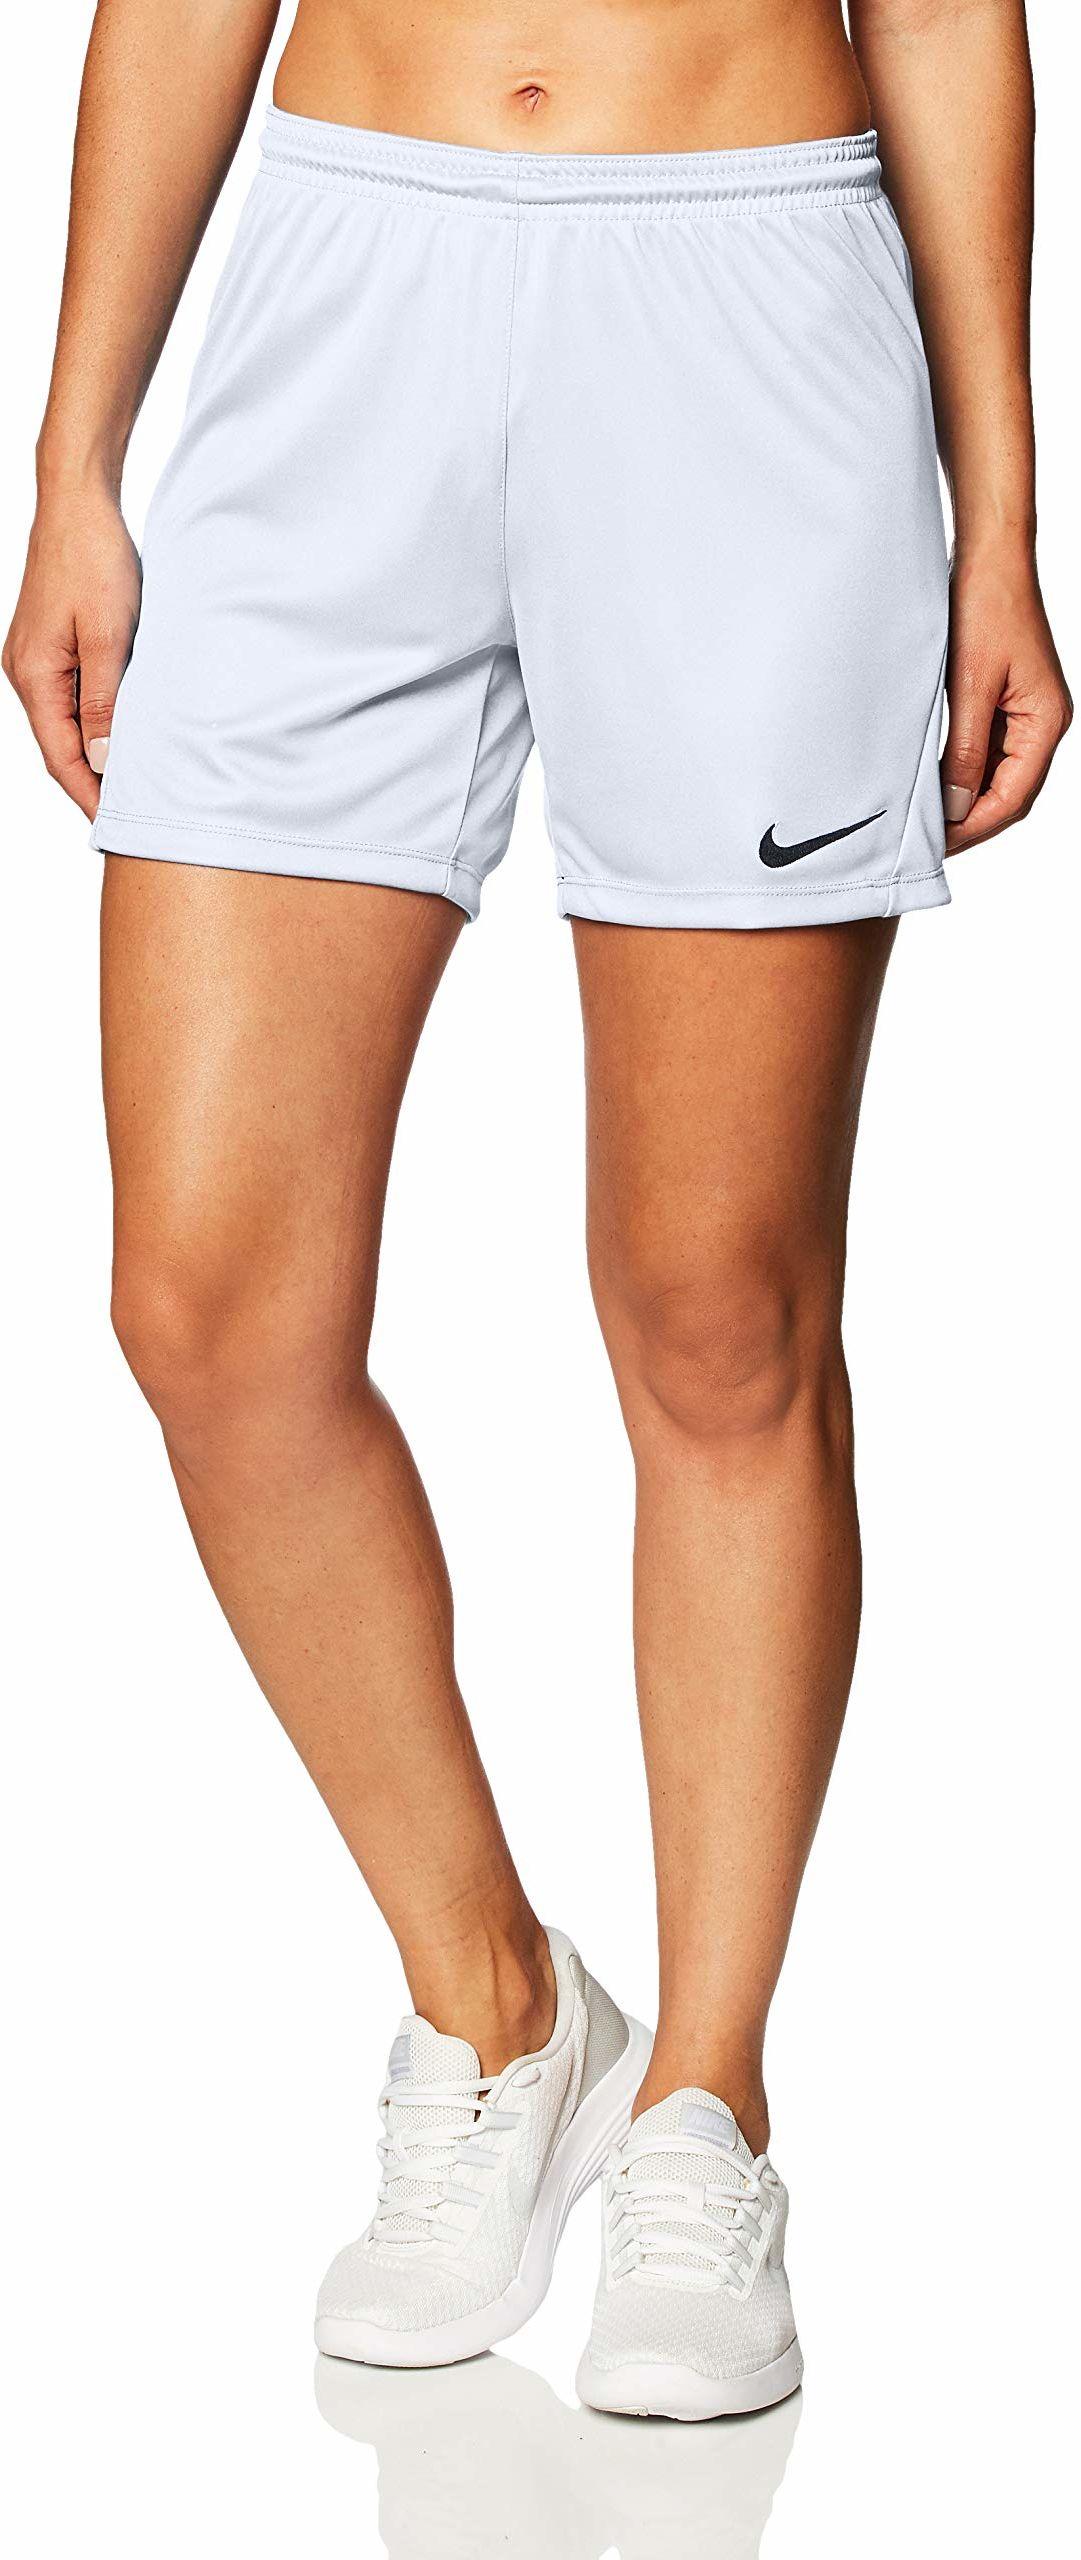 Nike damskie szorty Park Iii Nb biały biały/czarny L